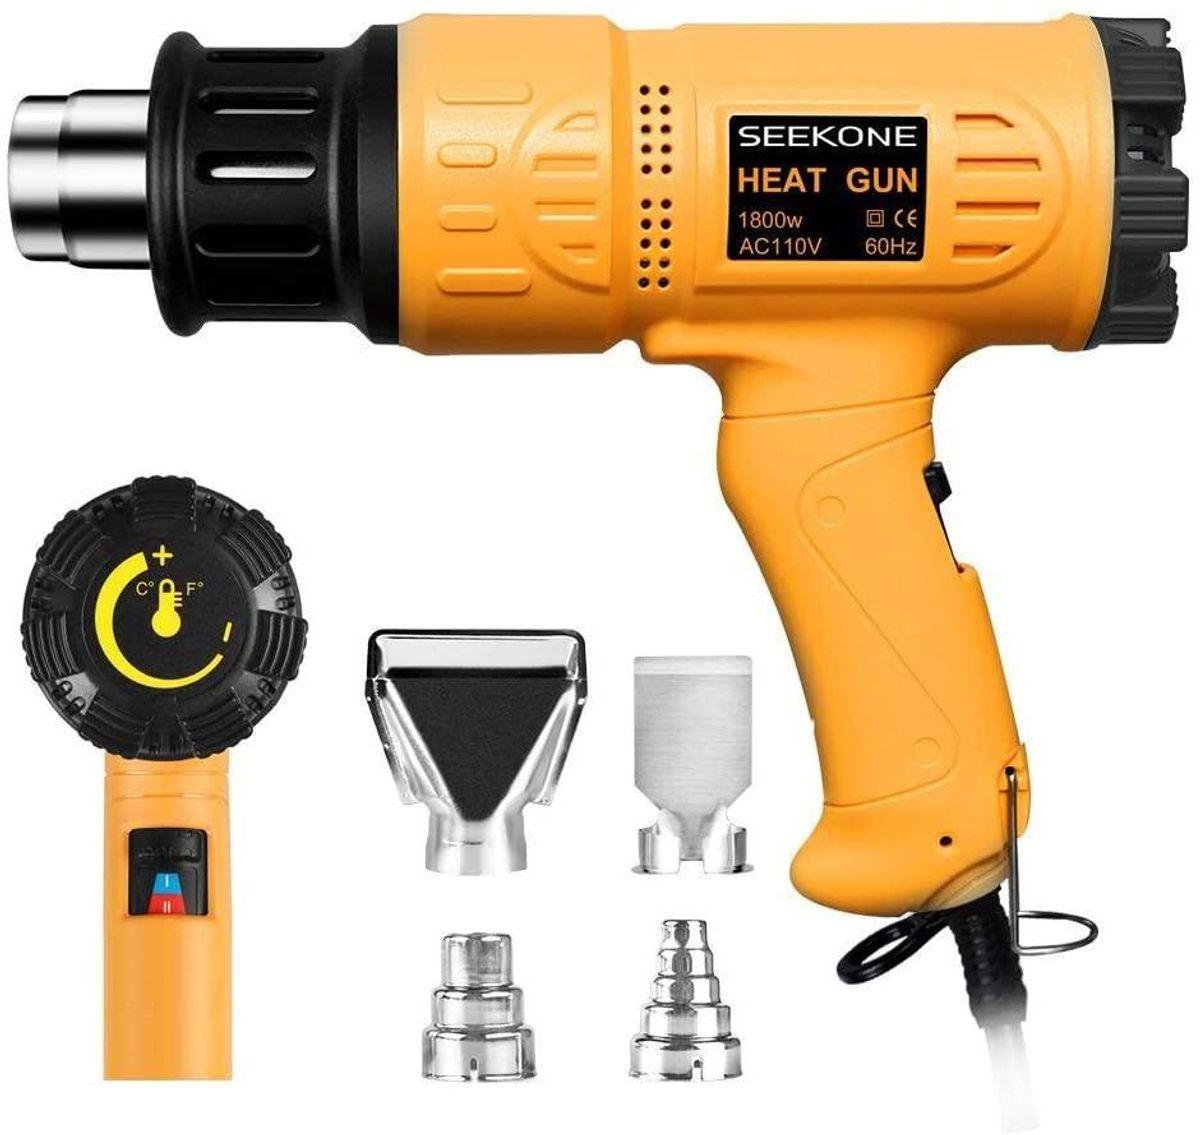 Heat Gun 1800W Heavy Duty Hot Air Gun Kit